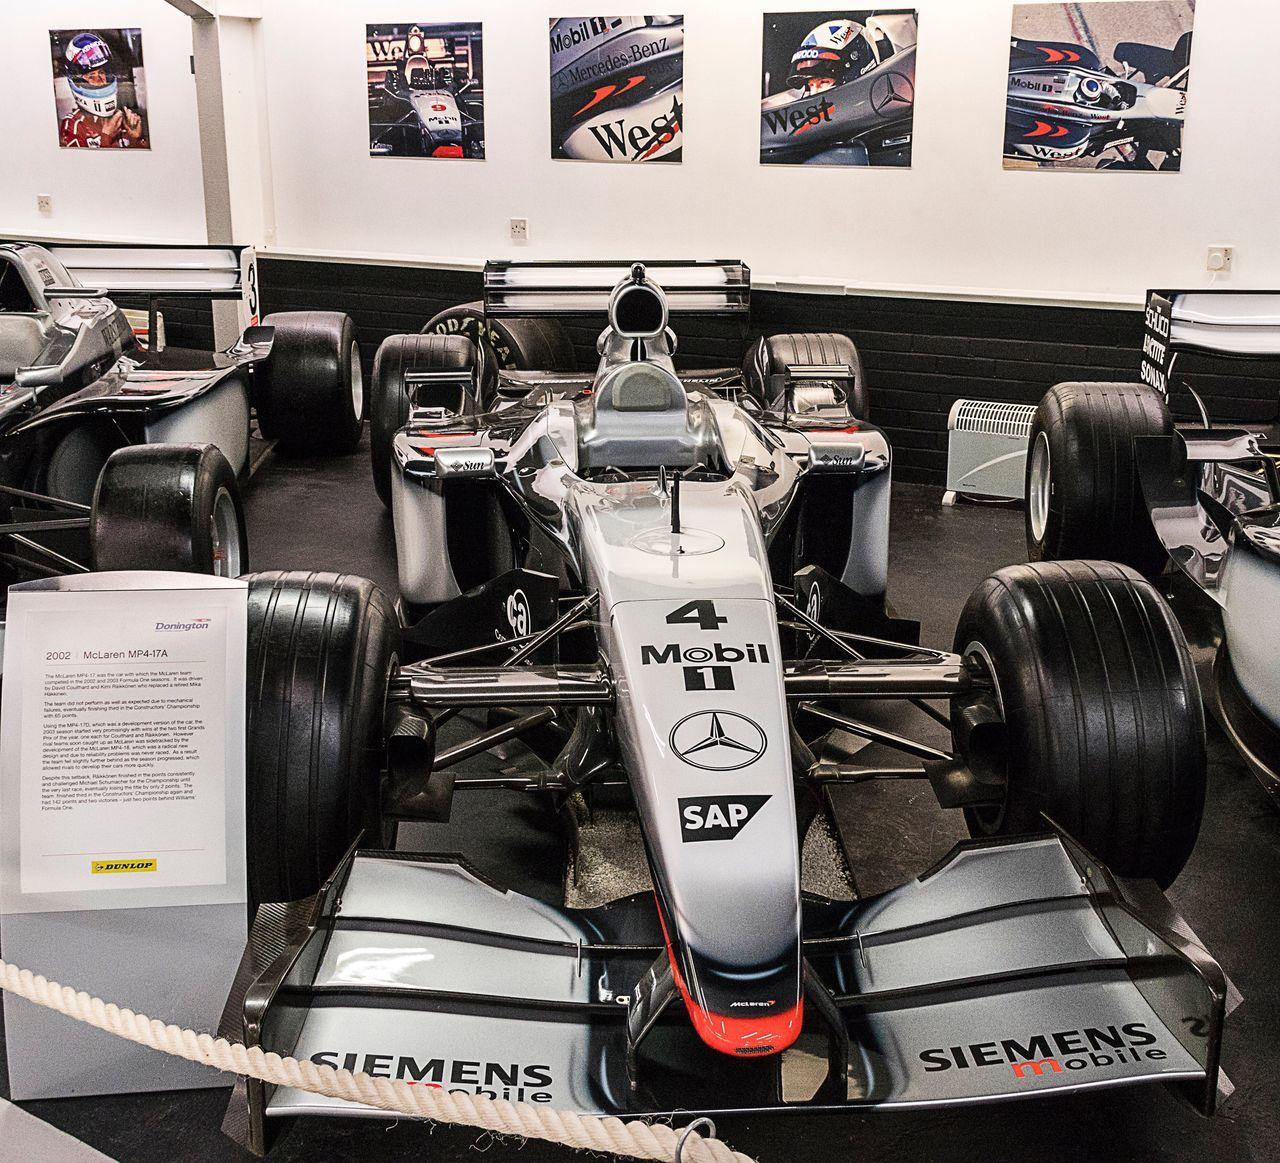 Mercedes Benz Formula One Mode Of Transport Formula One Racing Racecar Formula 1 Motorsport